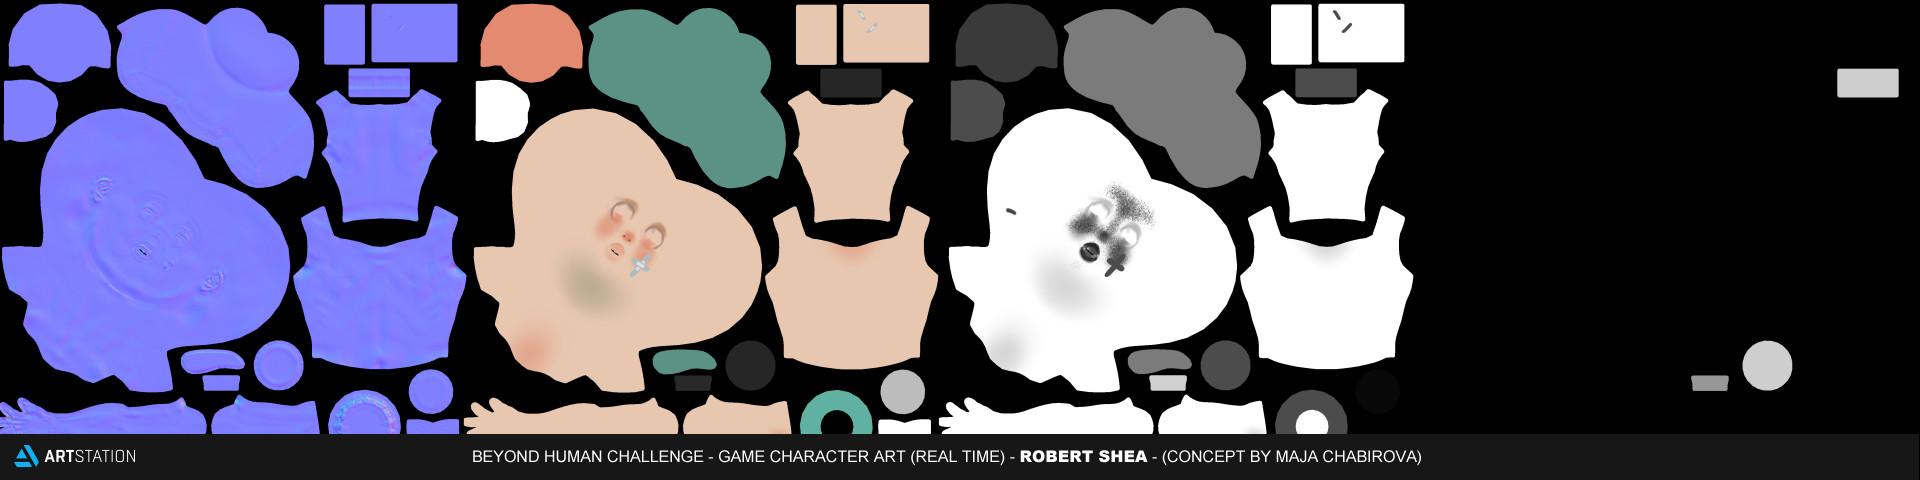 Robert shea skintextures